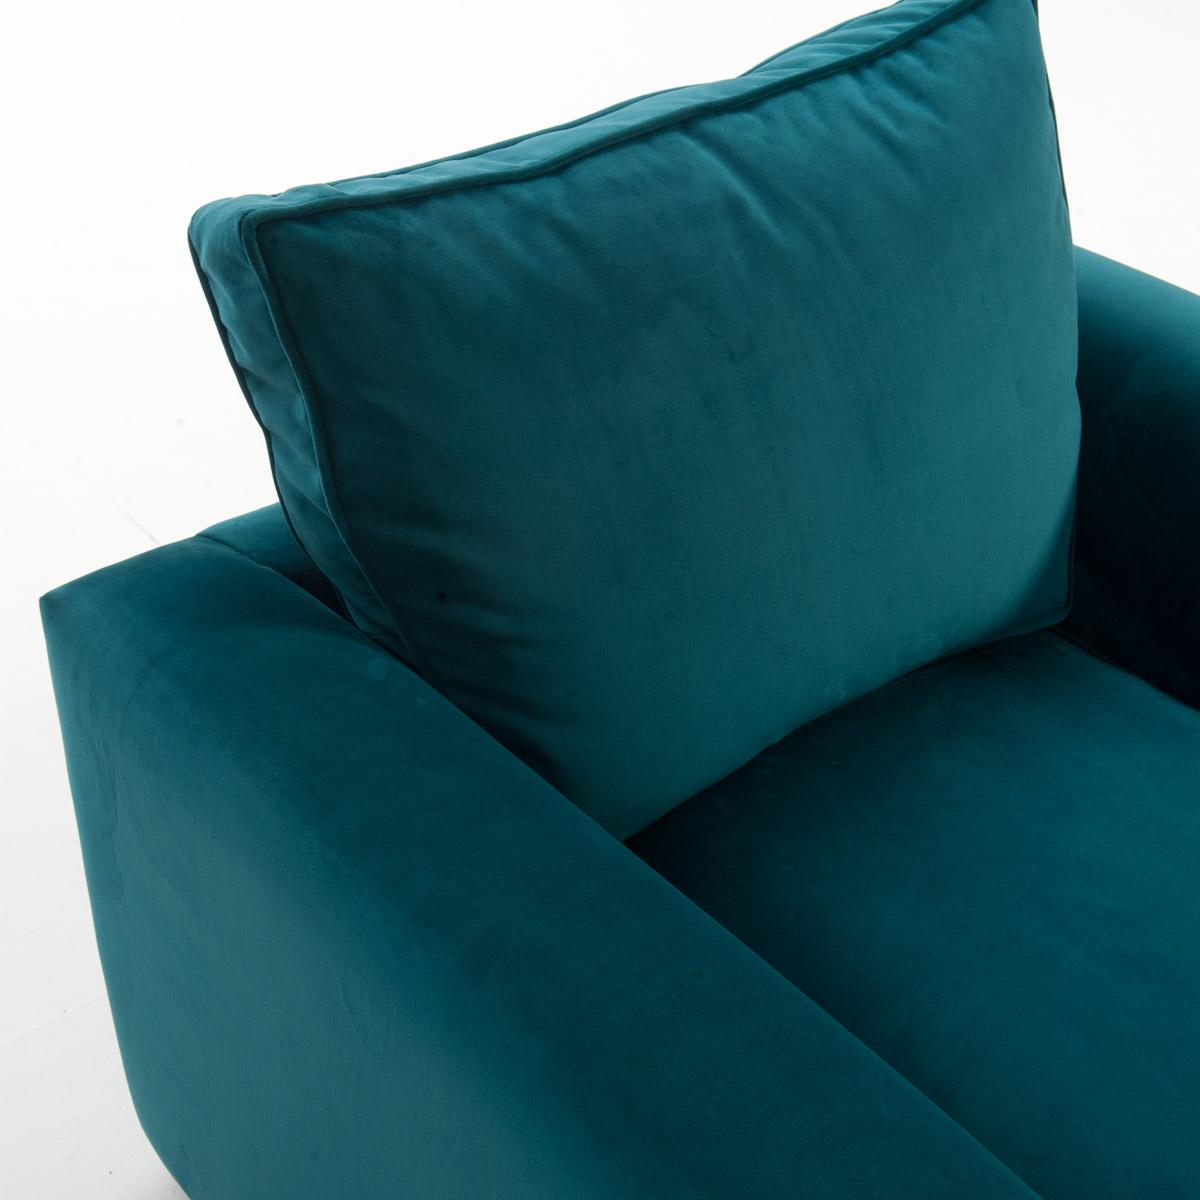 Prescott Standard Chair